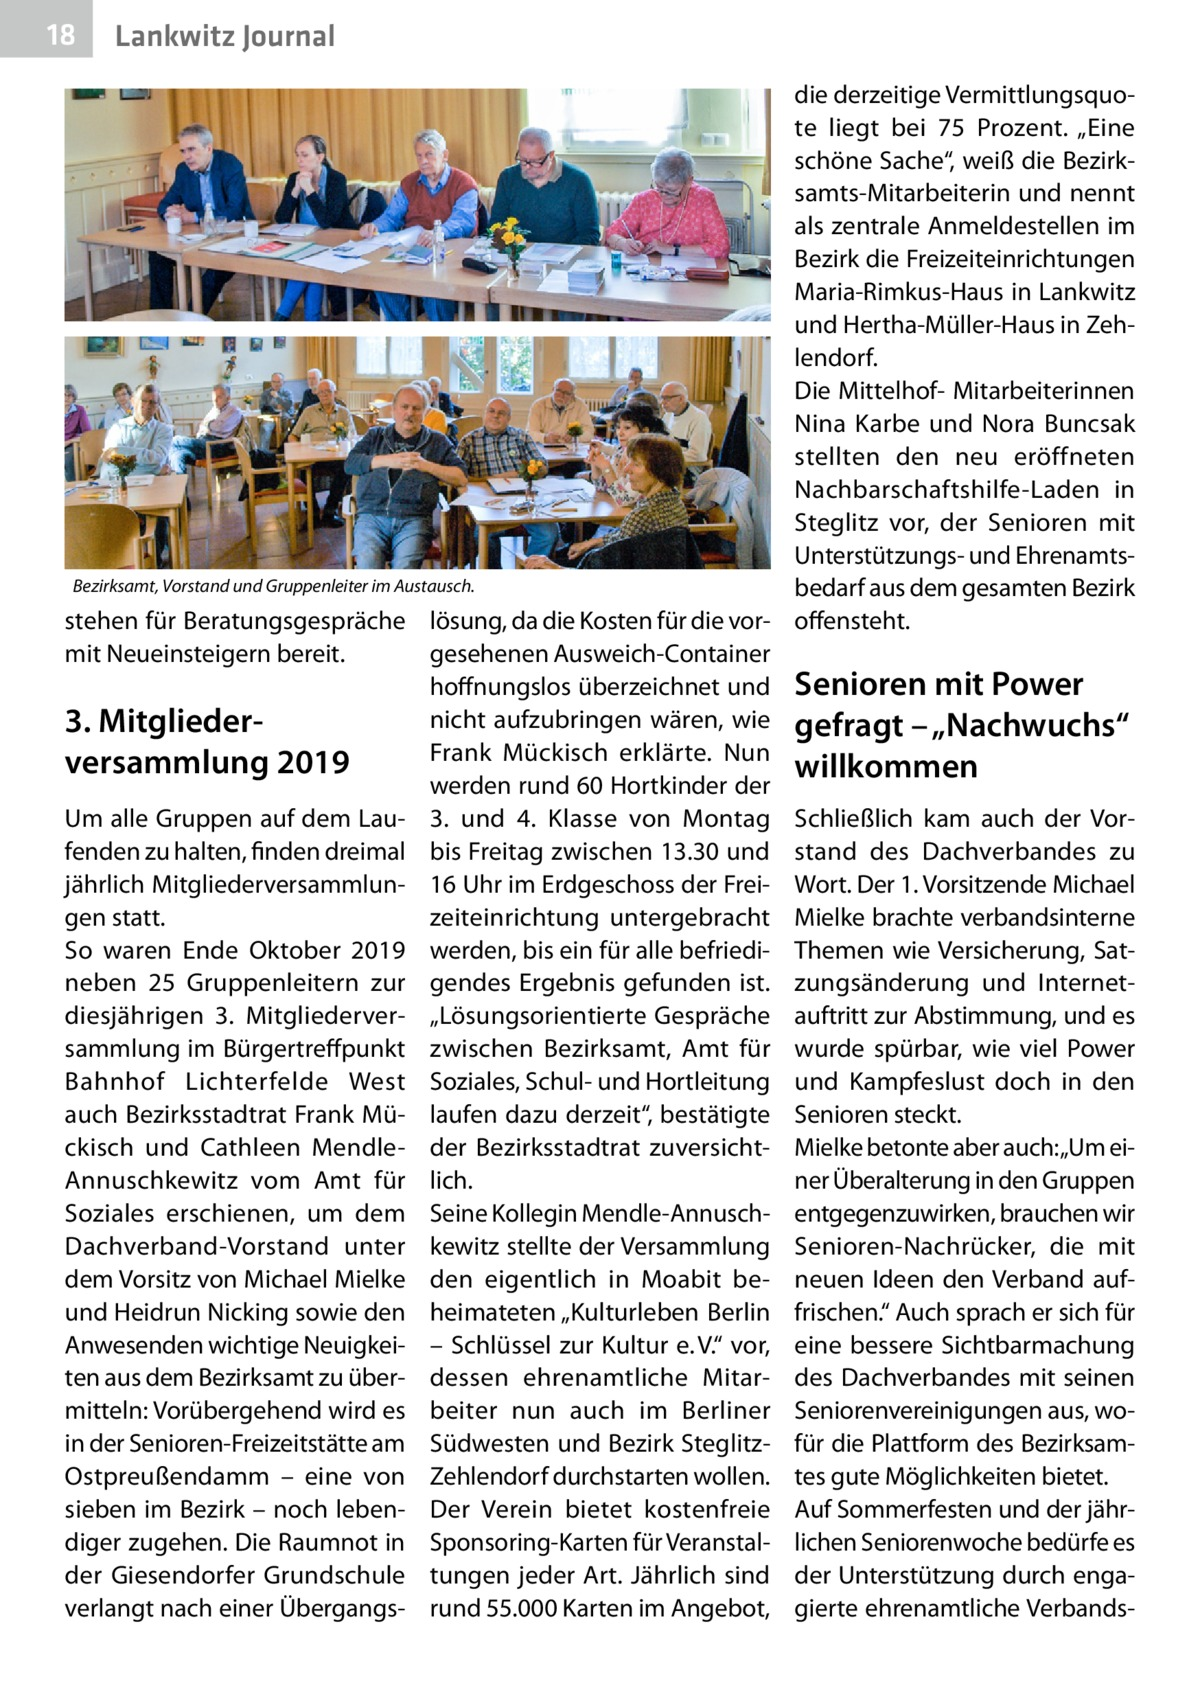 """18  Lankwitz Journal  die derzeitige Vermittlungsquote liegt bei 75 Prozent. """"Eine schöne Sache"""", weiß die Bezirksamts-Mitarbeiterin und nennt als zentrale Anmeldestellen im Bezirk die Freizeiteinrichtungen Maria-Rimkus-Haus in Lankwitz und Hertha-Müller-Haus in Zehlendorf. Die Mittelhof- Mitarbeiterinnen Nina Karbe und Nora Buncsak stellten den neu eröffneten Nachbarschaftshilfe-Laden in Steglitz vor, der Senioren mit Unterstützungs- und EhrenamtsBezirksamt, Vorstand und Gruppenleiter im Austausch. bedarf aus dem gesamten Bezirk stehen für Beratungsgespräche lösung, da die Kosten für die vor- offensteht. mit Neueinsteigern bereit. gesehenen Ausweich-Container hoffnungslos überzeichnet und Senioren mit Power nicht aufzubringen wären, wie gefragt – """"Nachwuchs"""" 3. Mitglieder Frank Mückisch erklärte. Nun versammlung 2019 willkommen werden rund 60Hortkinder der Um alle Gruppen auf dem Lau- 3. und 4. Klasse von Montag Schließlich kam auch der Vorfenden zu halten, finden dreimal bis Freitag zwischen 13.30 und stand des Dachverbandes zu jährlich Mitgliederversammlun- 16Uhr im Erdgeschoss der Frei- Wort. Der 1. Vorsitzende Michael gen statt. zeiteinrichtung untergebracht Mielke brachte verbandsinterne So waren Ende Oktober 2019 werden, bis ein für alle befriedi- Themen wie Versicherung, Satneben 25 Gruppenleitern zur gendes Ergebnis gefunden ist. zungsänderung und Internetdiesjährigen 3. Mitgliederver- """"Lösungsorientierte Gespräche auftritt zur Abstimmung, und es sammlung im Bürgertreffpunkt zwischen Bezirksamt, Amt für wurde spürbar, wie viel Power Bahnhof Lichterfelde West Soziales, Schul- und Hortleitung und Kampfeslust doch in den auch Bezirksstadtrat Frank Mü- laufen dazu derzeit"""", bestätigte Senioren steckt. ckisch und Cathleen Mendle- der Bezirksstadtrat zuversicht- Mielke betonte aber auch:""""Um einer Überalterung in den Gruppen Annuschkewitz vom Amt für lich. Soziales erschienen, um dem Seine Kollegin Mendle-Annusch- entgegenzuwirken, brauchen wir Dachverband-Vorstan"""